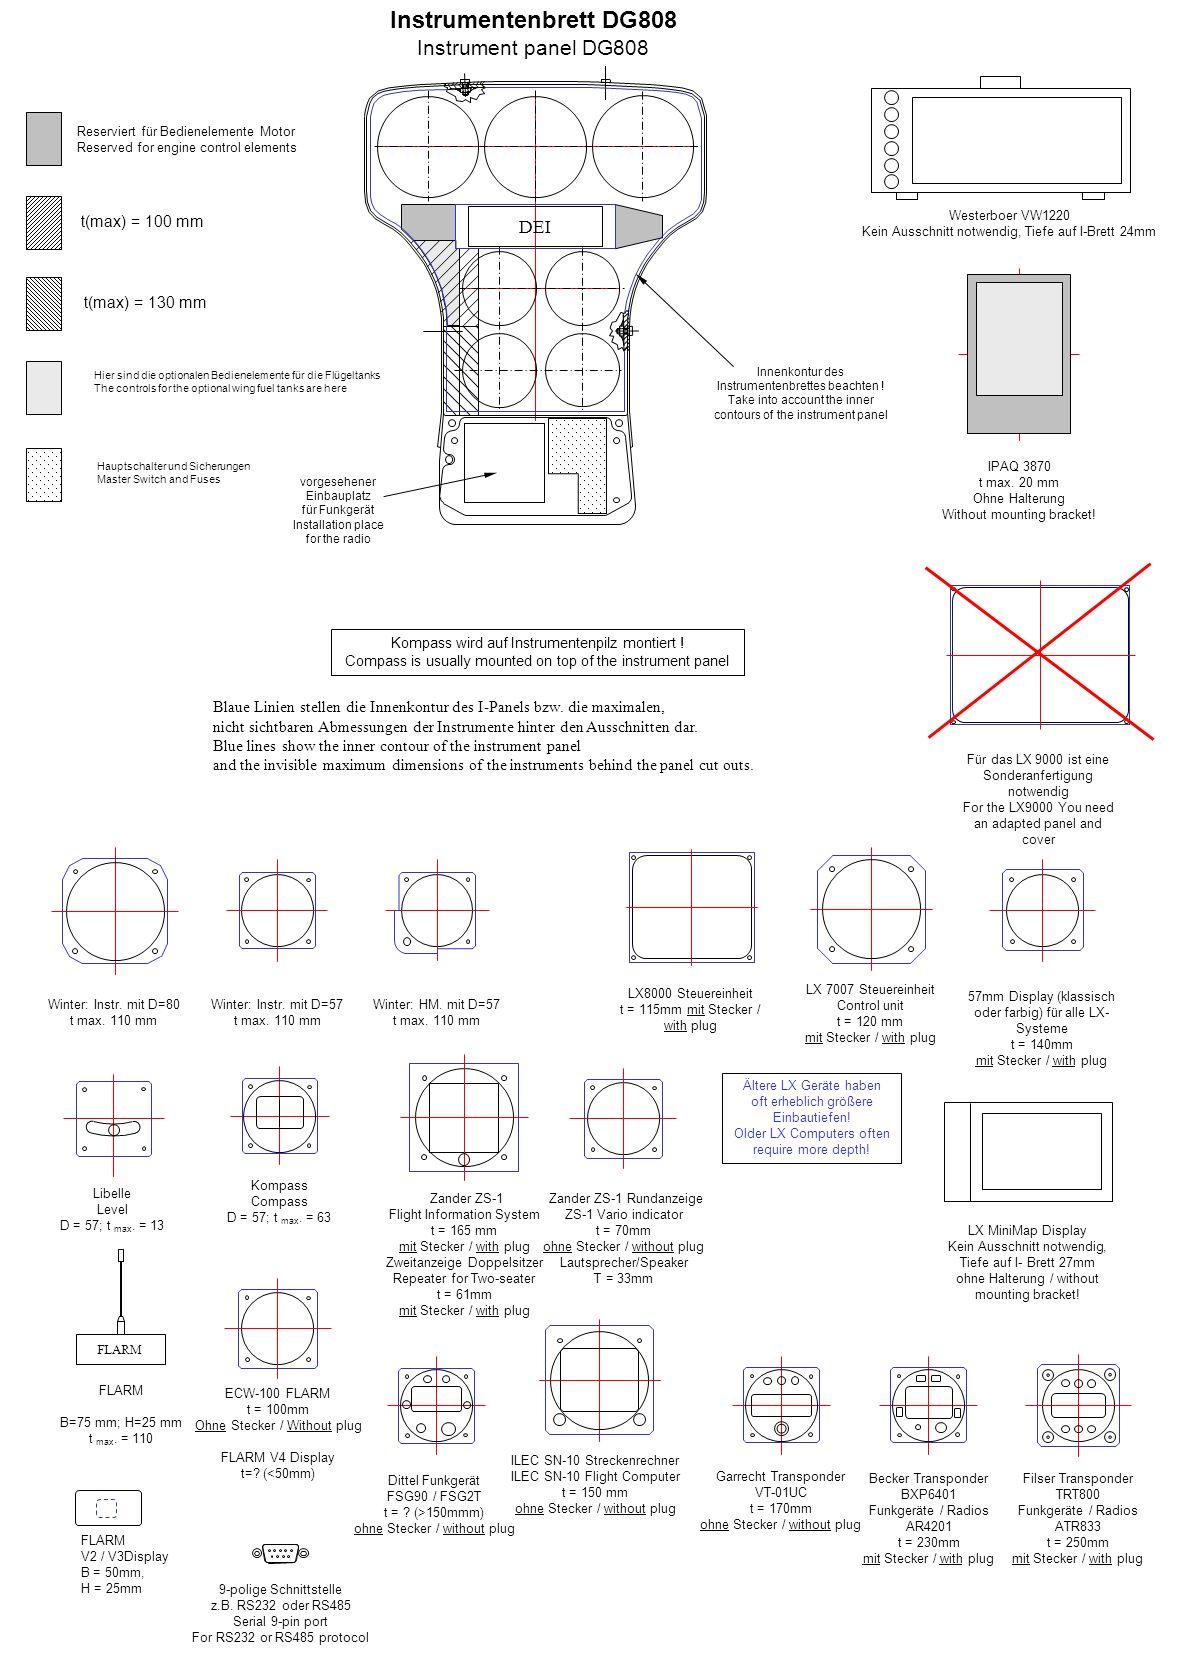 Instrumentenbrett DG808 Instrument panel DG808 DEI t(max) = 100 mm